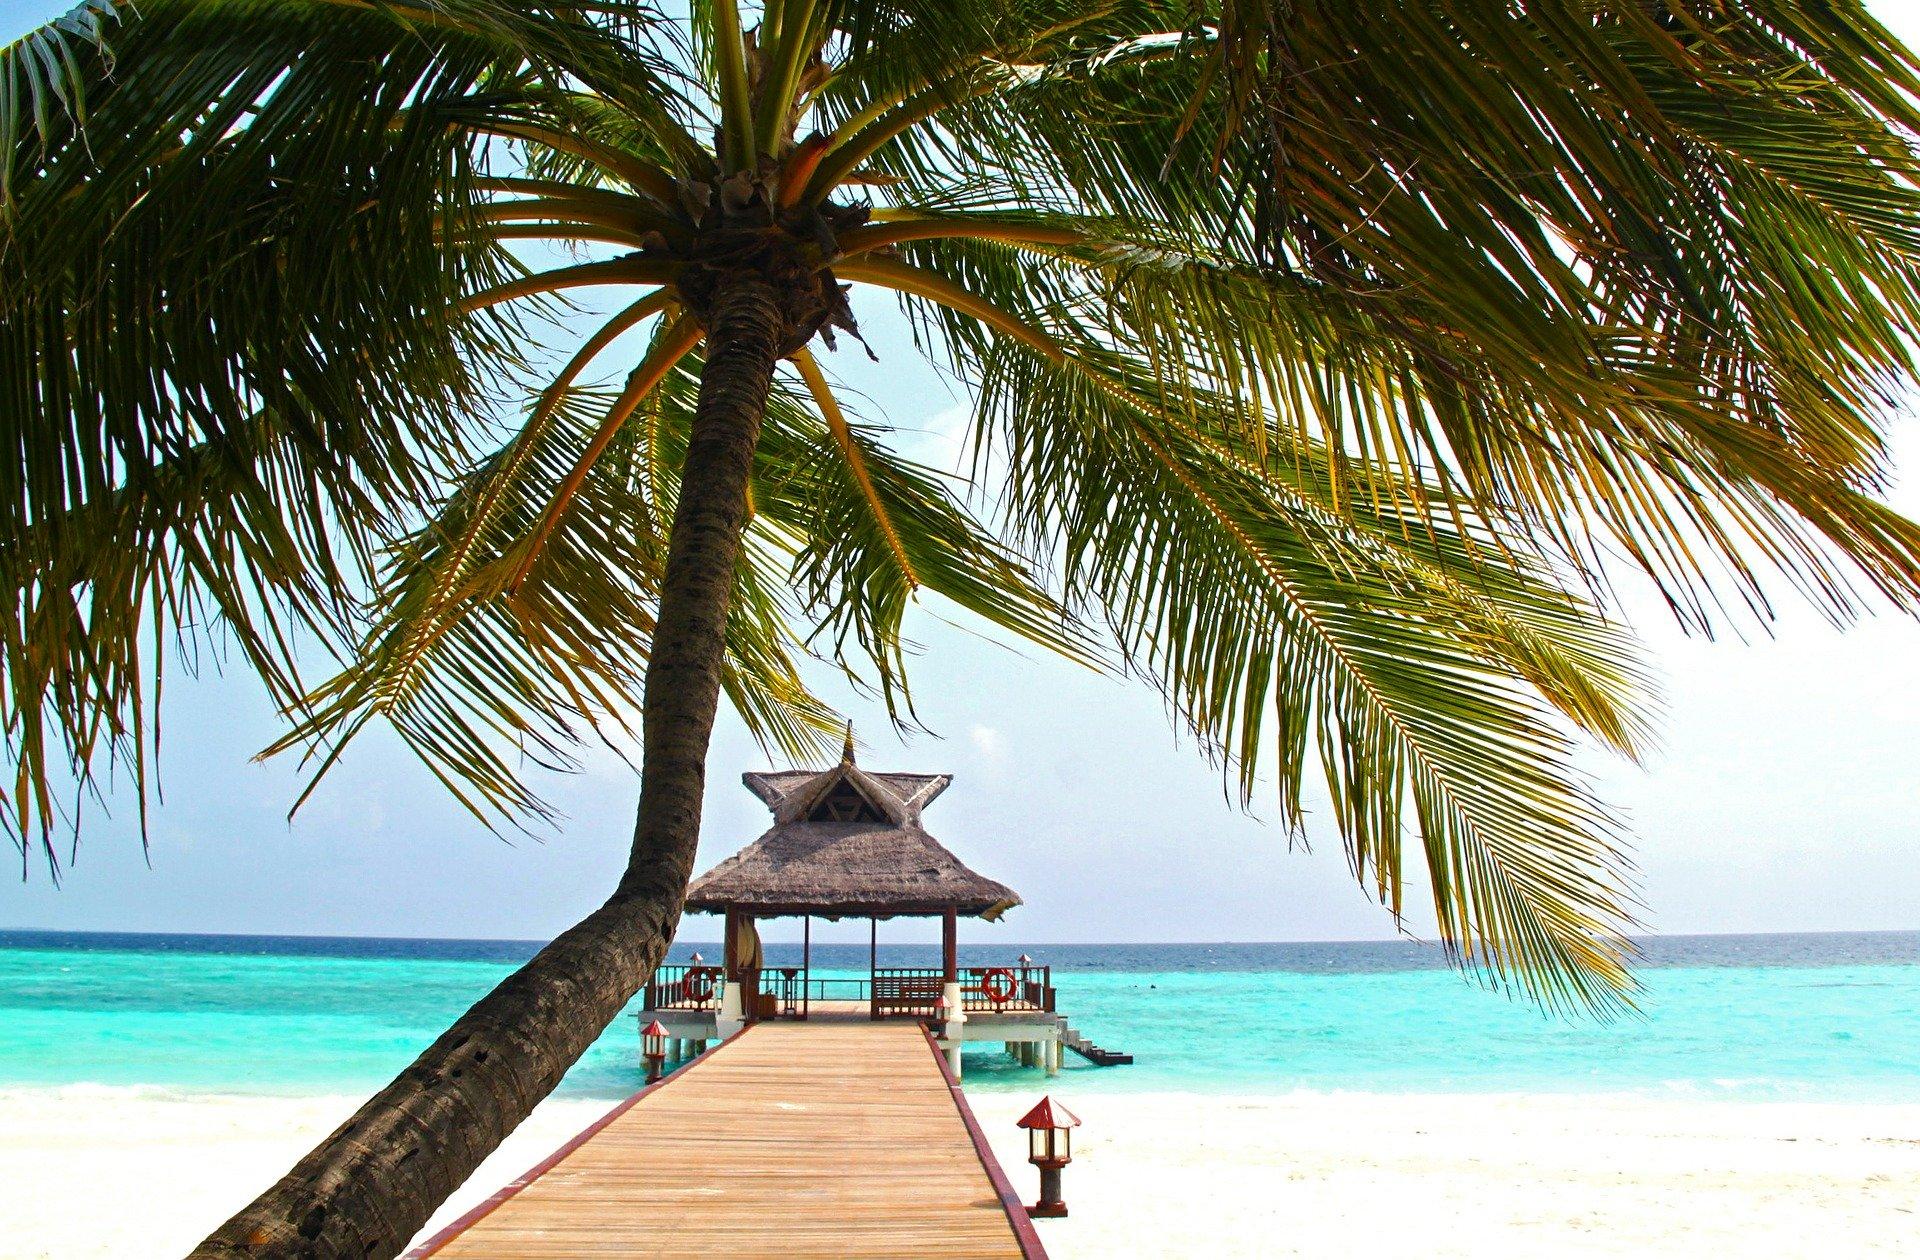 beach-612553_1920.jpg